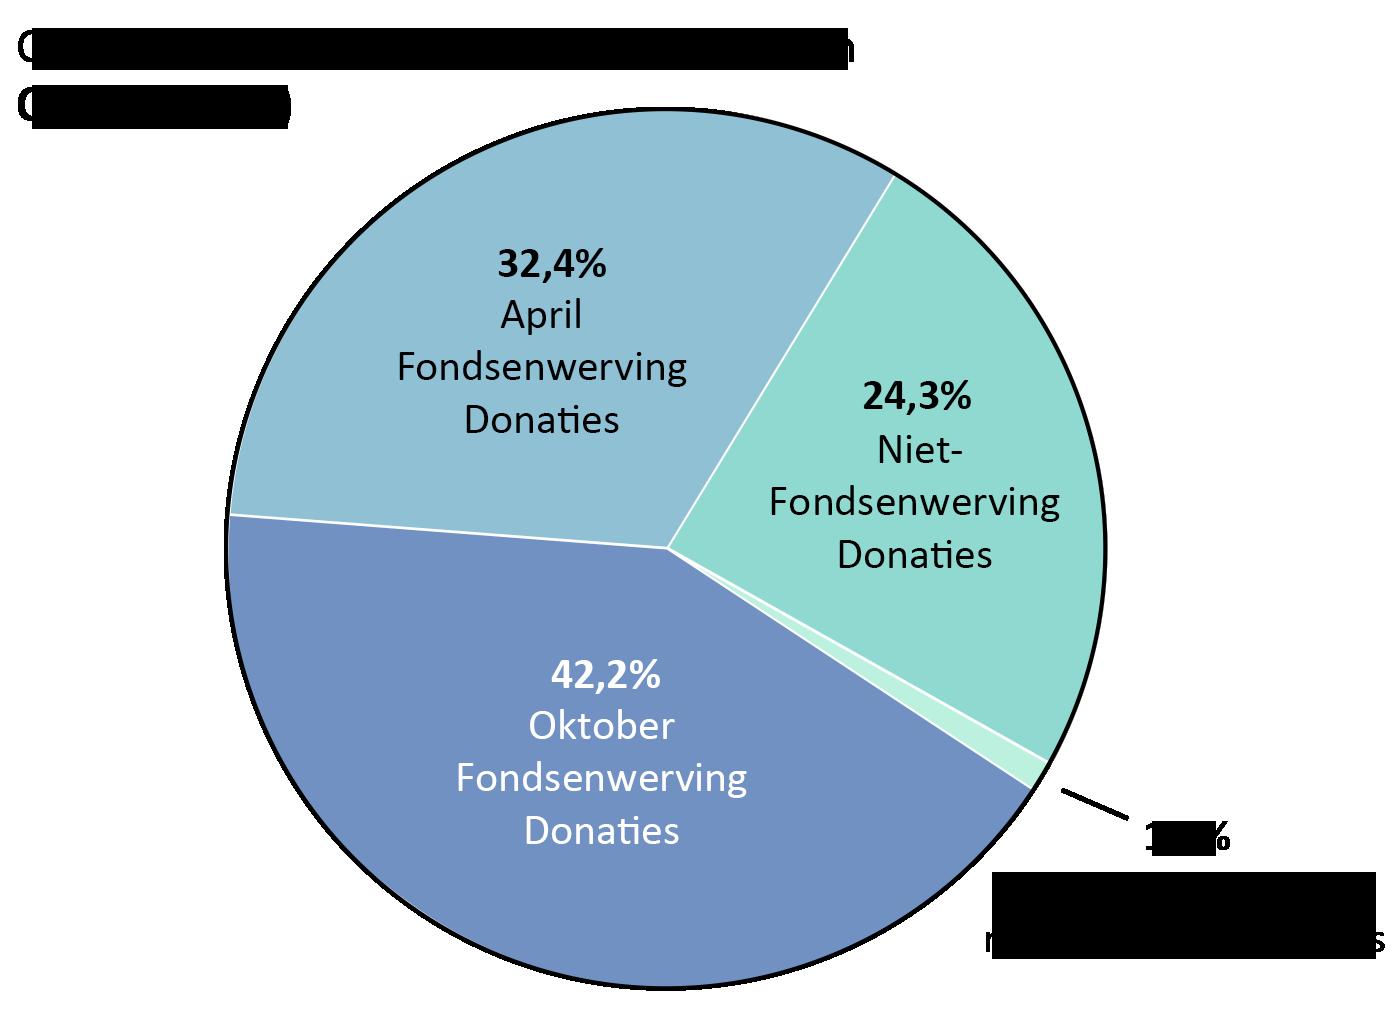 OTW omzet: april fondsenwerving donaties: 32.4%, oktober fondsenwerving donaties: 42.2%. Niet-fondsenwerving donaties: 24.3%. Donaties van matchingprogramma's: 1.1%.